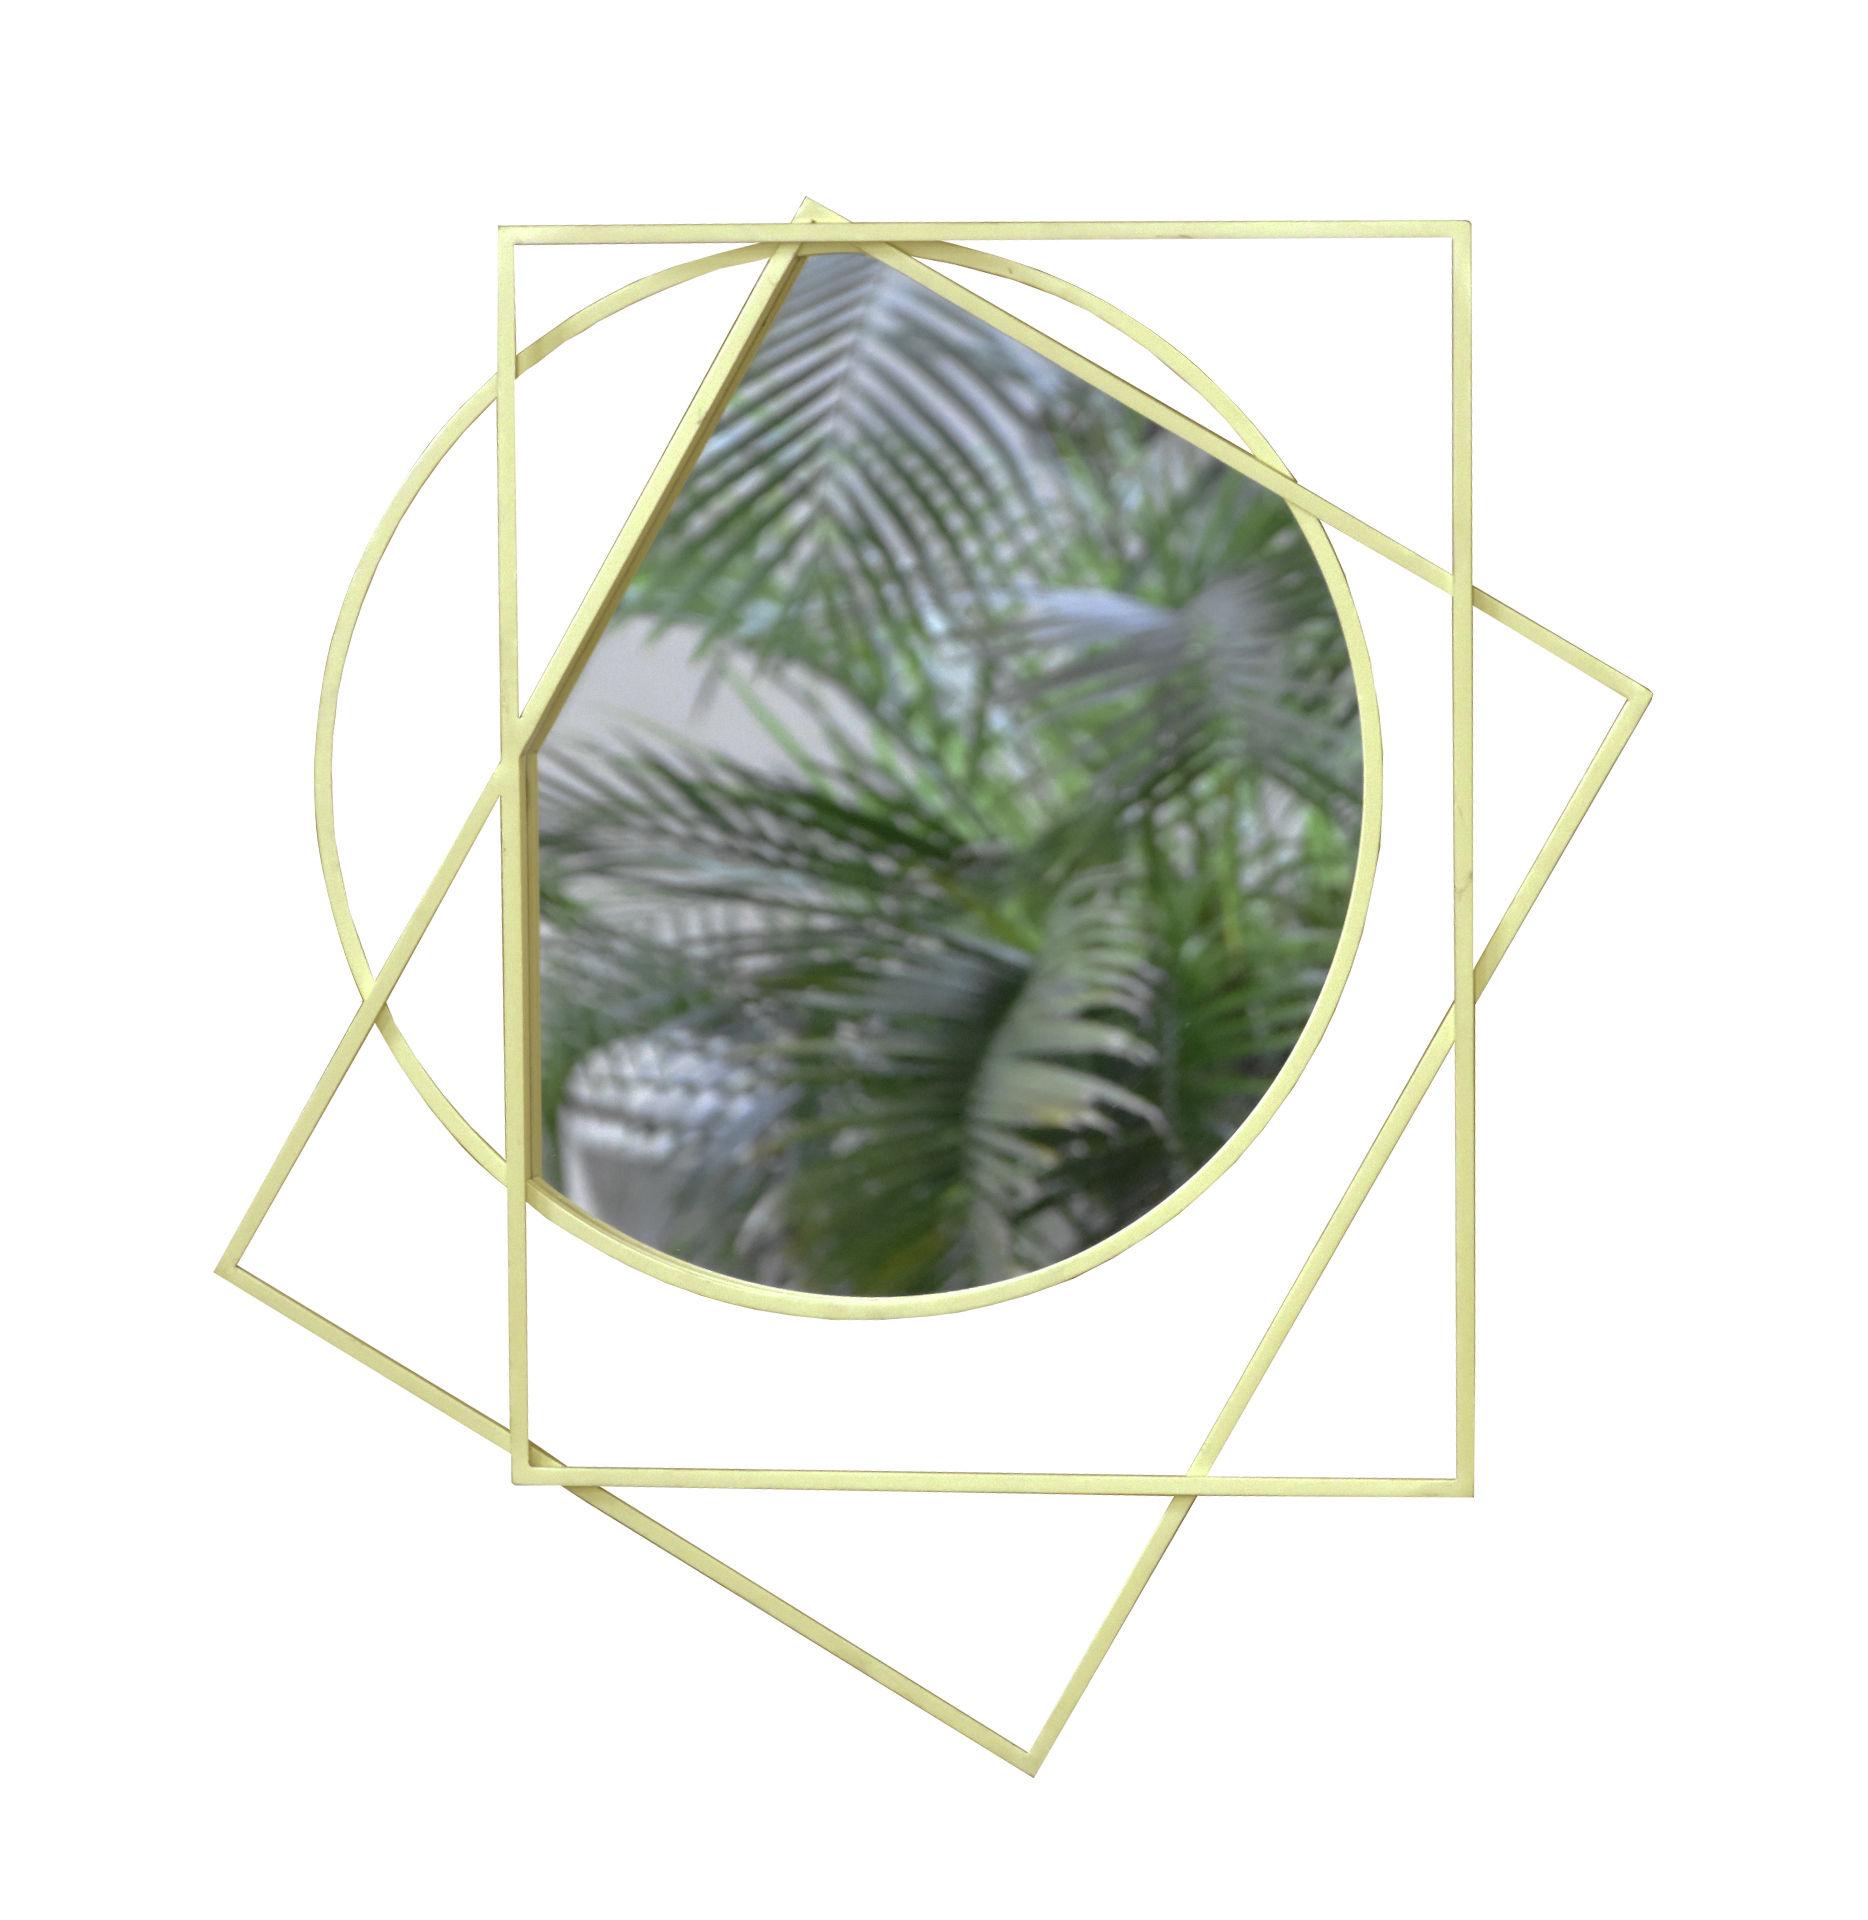 Déco - Miroirs - Miroir mural Prego - ENOstudio - Laiton - Acier, Verre